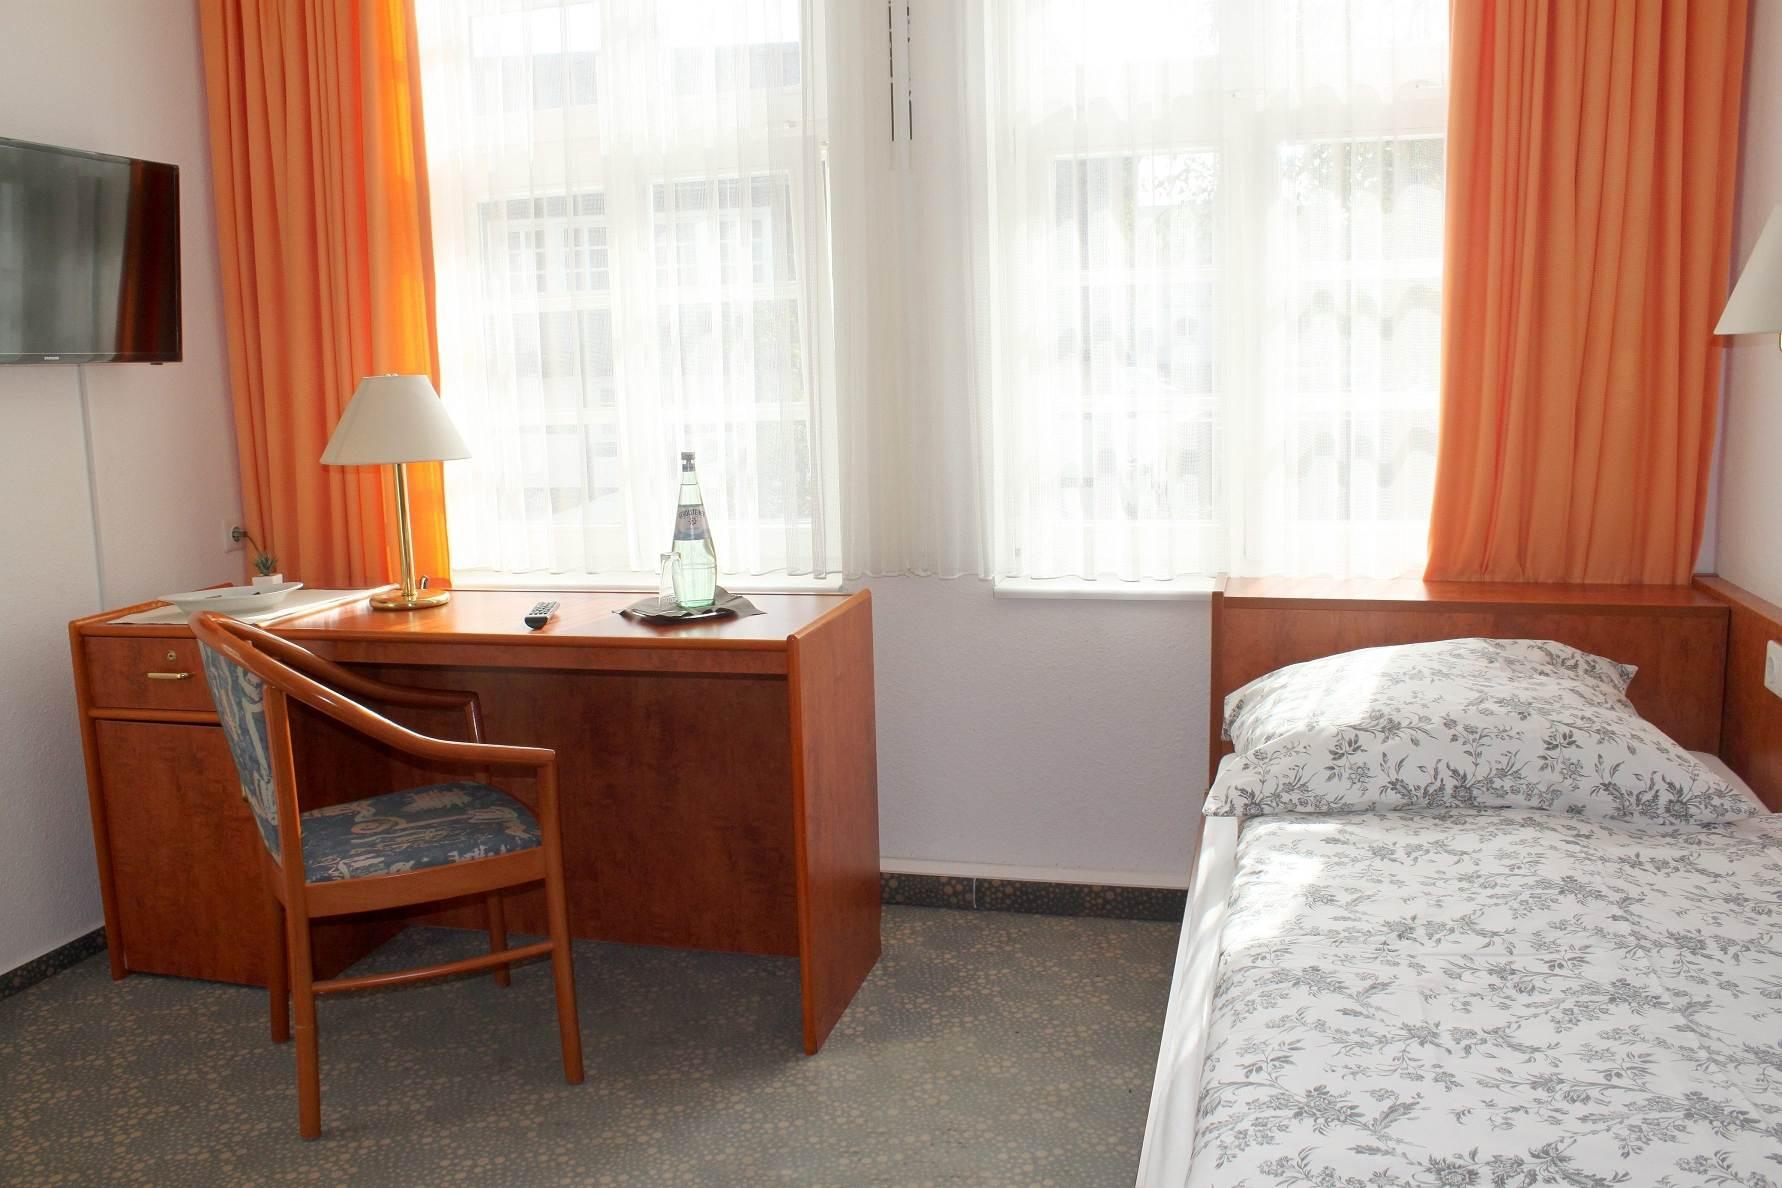 Einzelzimmer mit Aussicht und Schreibtisch im Parkhotel Bad Sassendorf